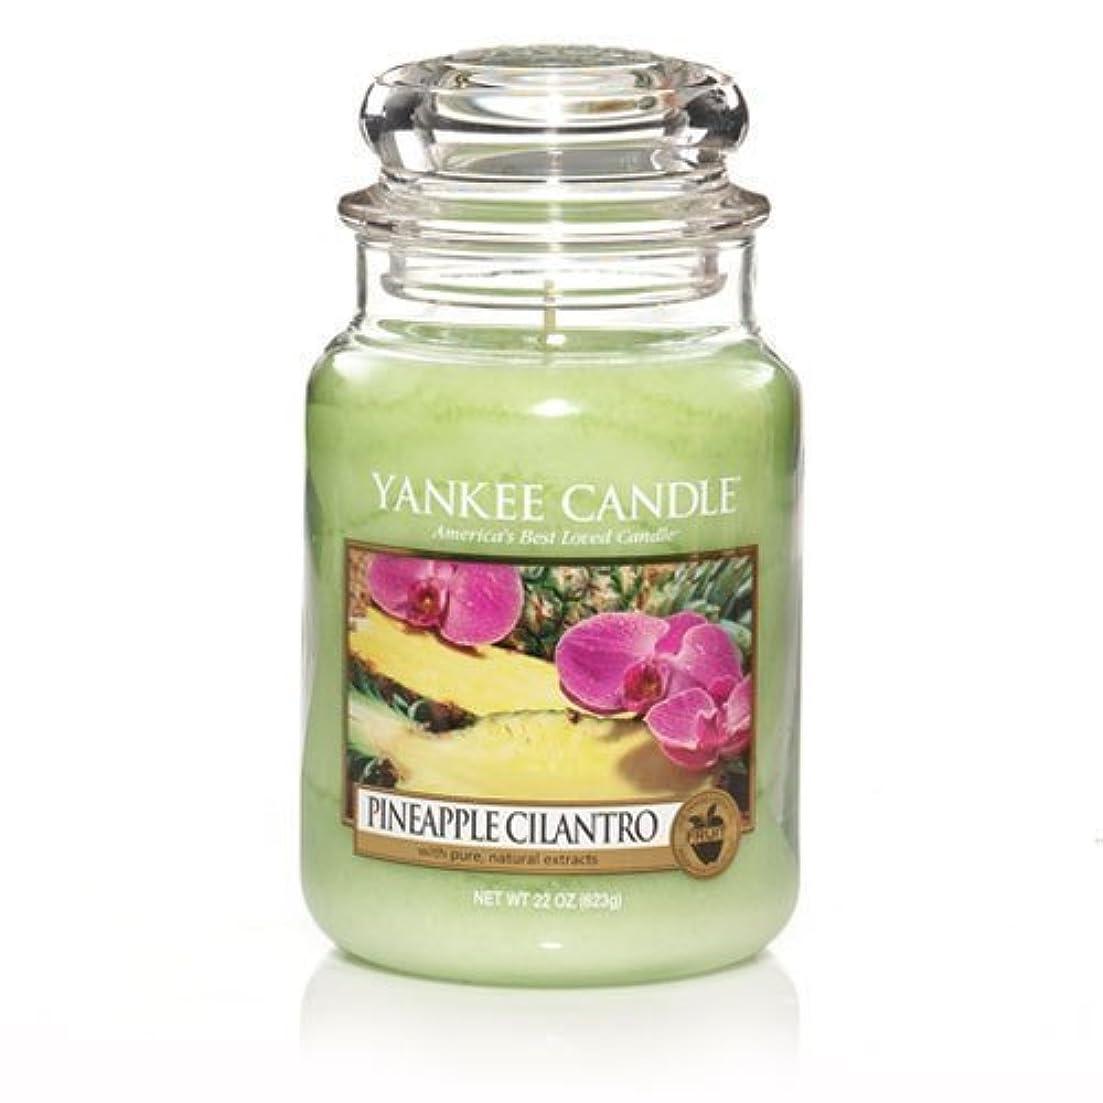 オーチャード温かいゴシップYankee Candle Pineapple Cilantro Large Jar 22oz Candle by Amazon source [並行輸入品]